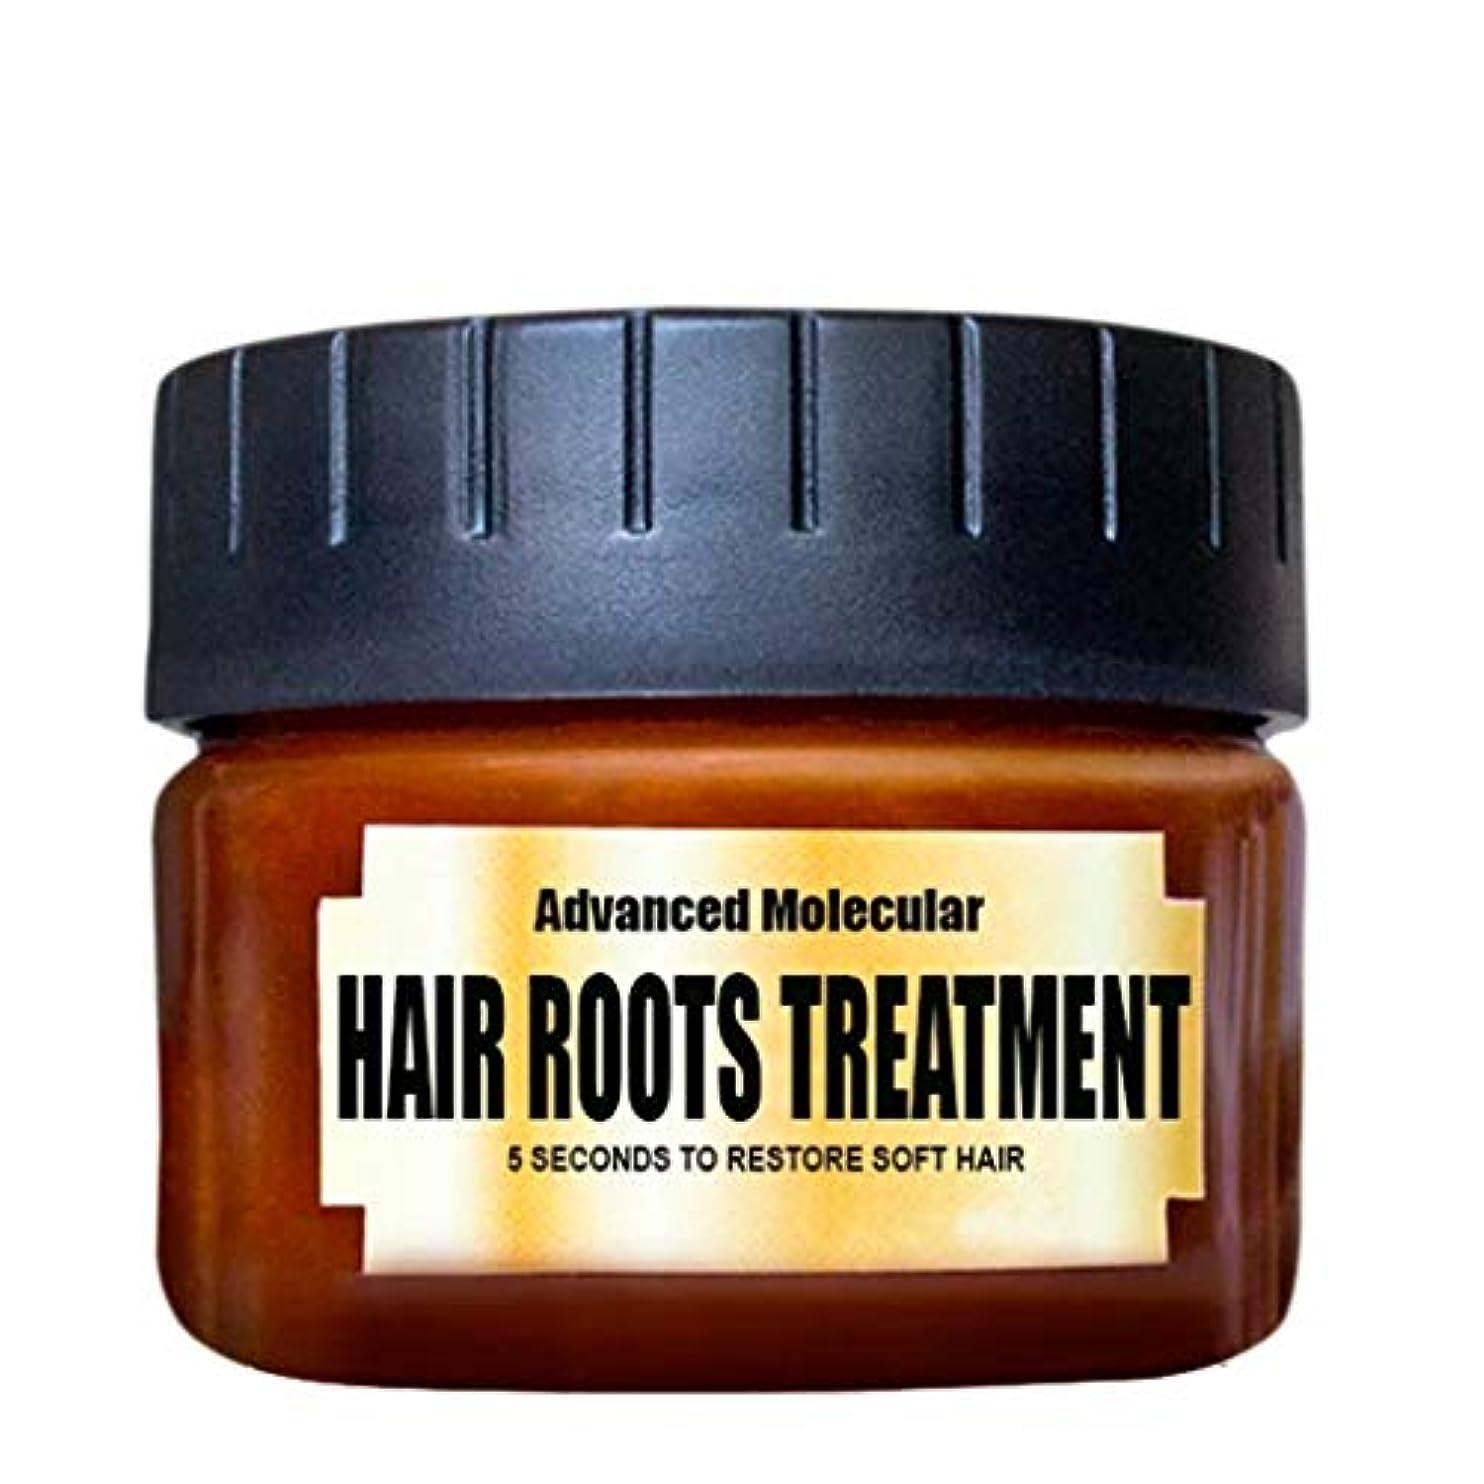 退屈エコーフラグラントDOUJI 天然植物成分 ヘアケア リッチリペア コンディショナー60ml コンディショナー 髪の解毒ヘアマスク高度な分子毛根治療回復エクストラダメージケア トリートメント